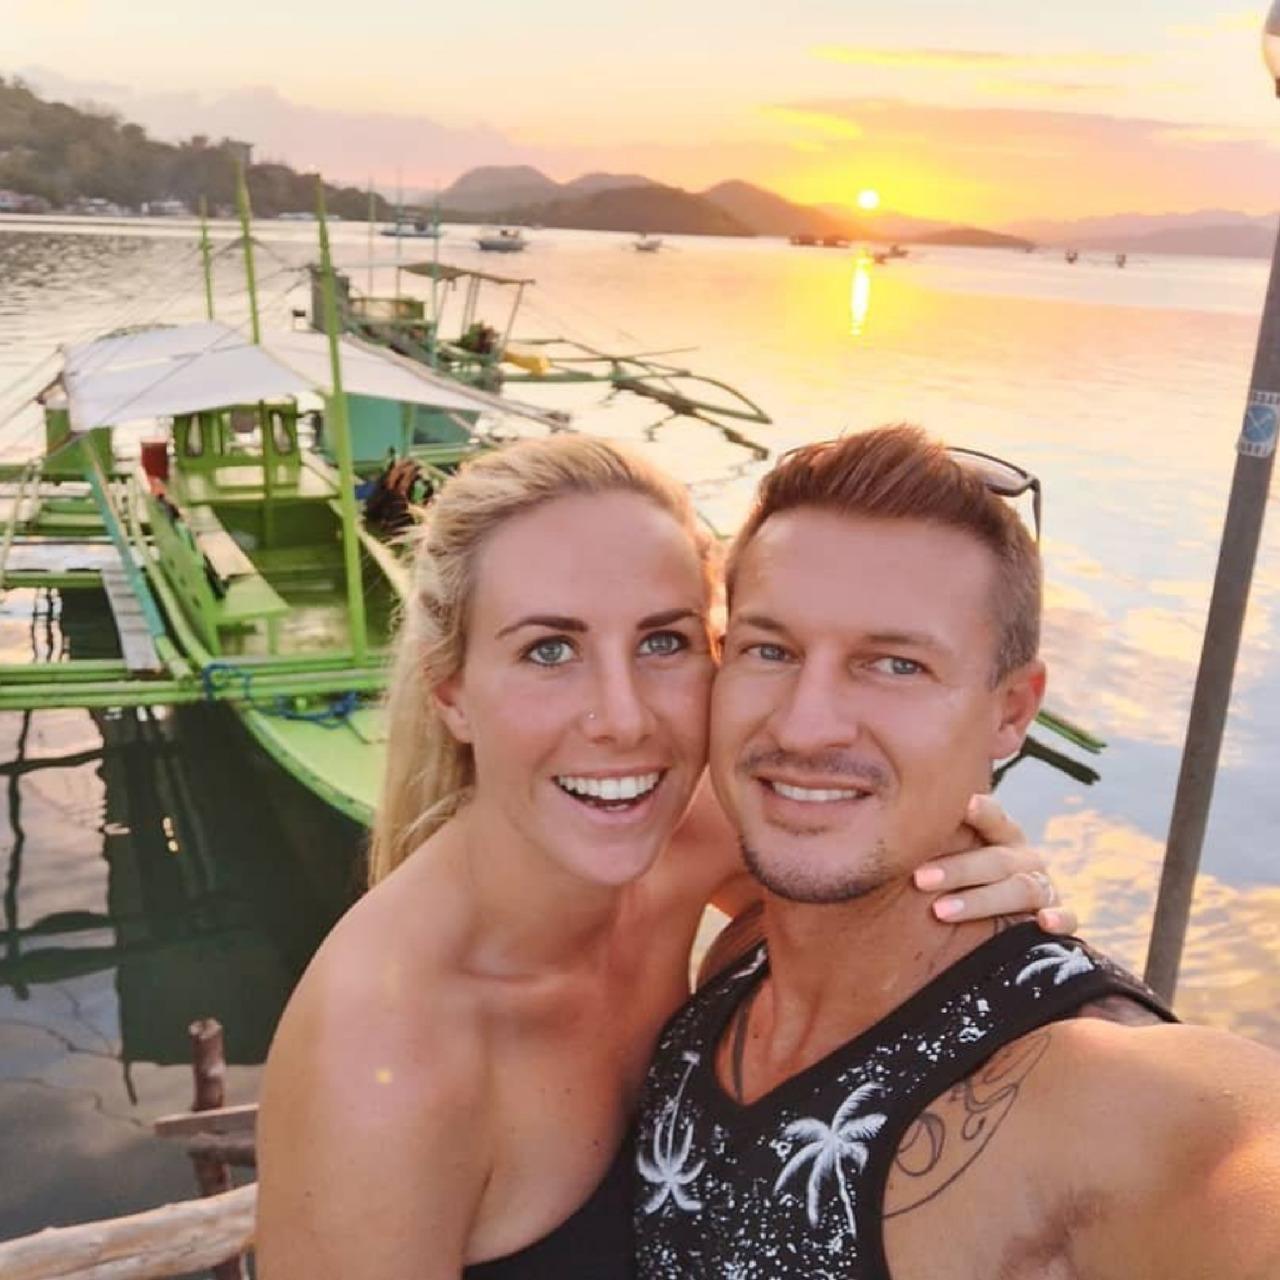 vacker Filipina dating Sarah blitt dating hem sida